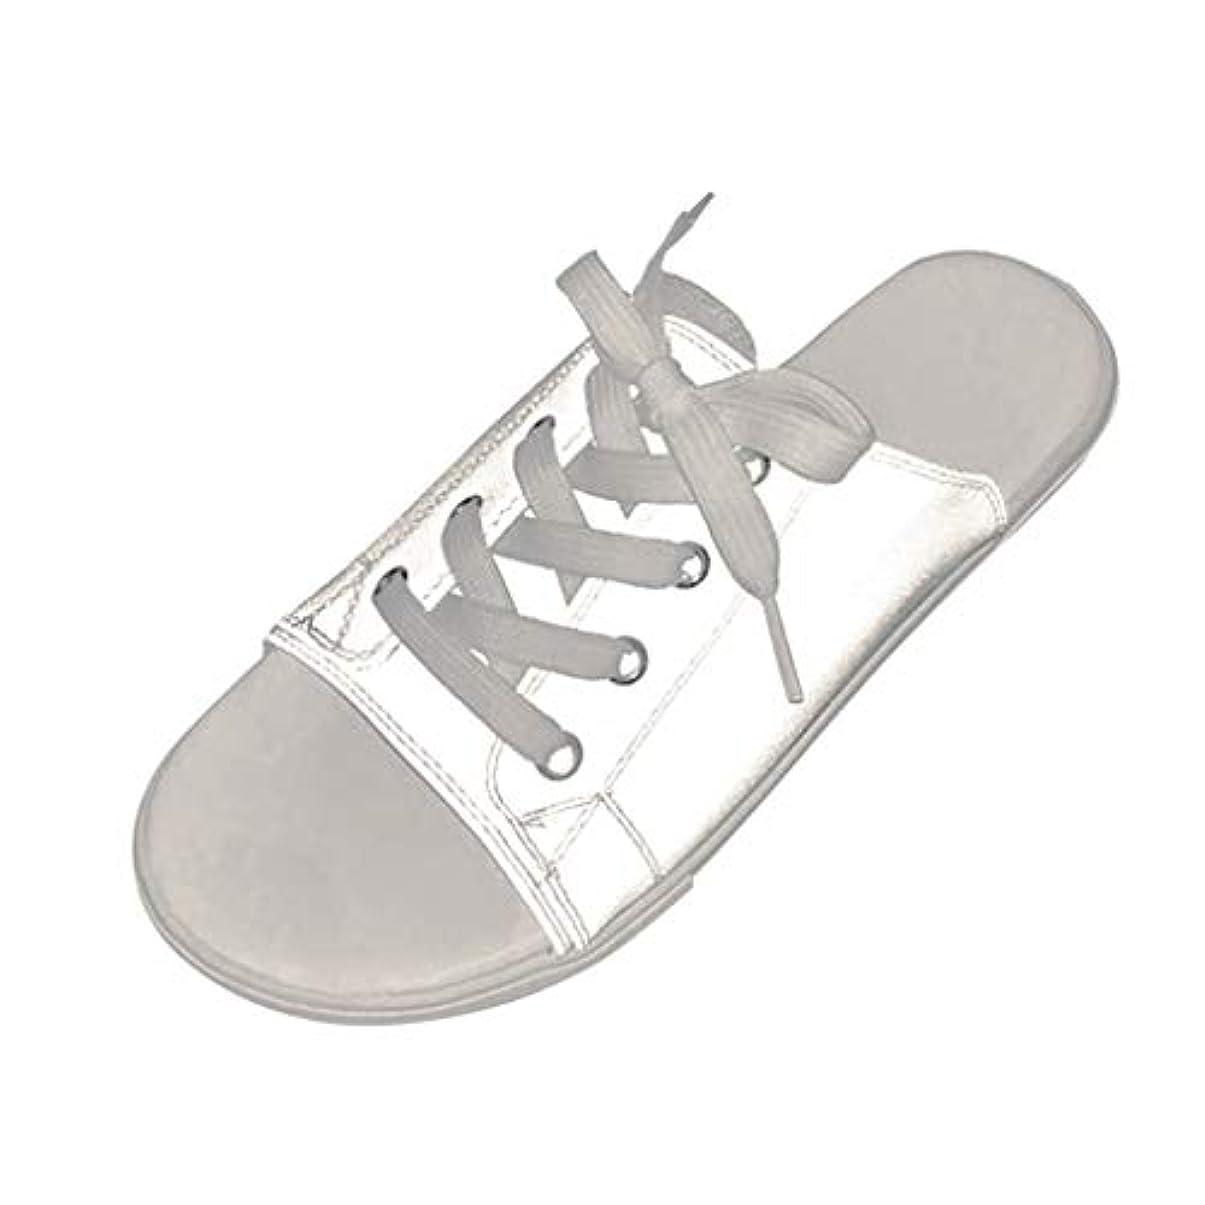 ゲートウェイ個性今カップルは靴を照らす スリッパシューズ サンダル フラットビーチシューズ 魚の口の靴 輝くサンダル フラットスリッパ レースアップビーチサンダル